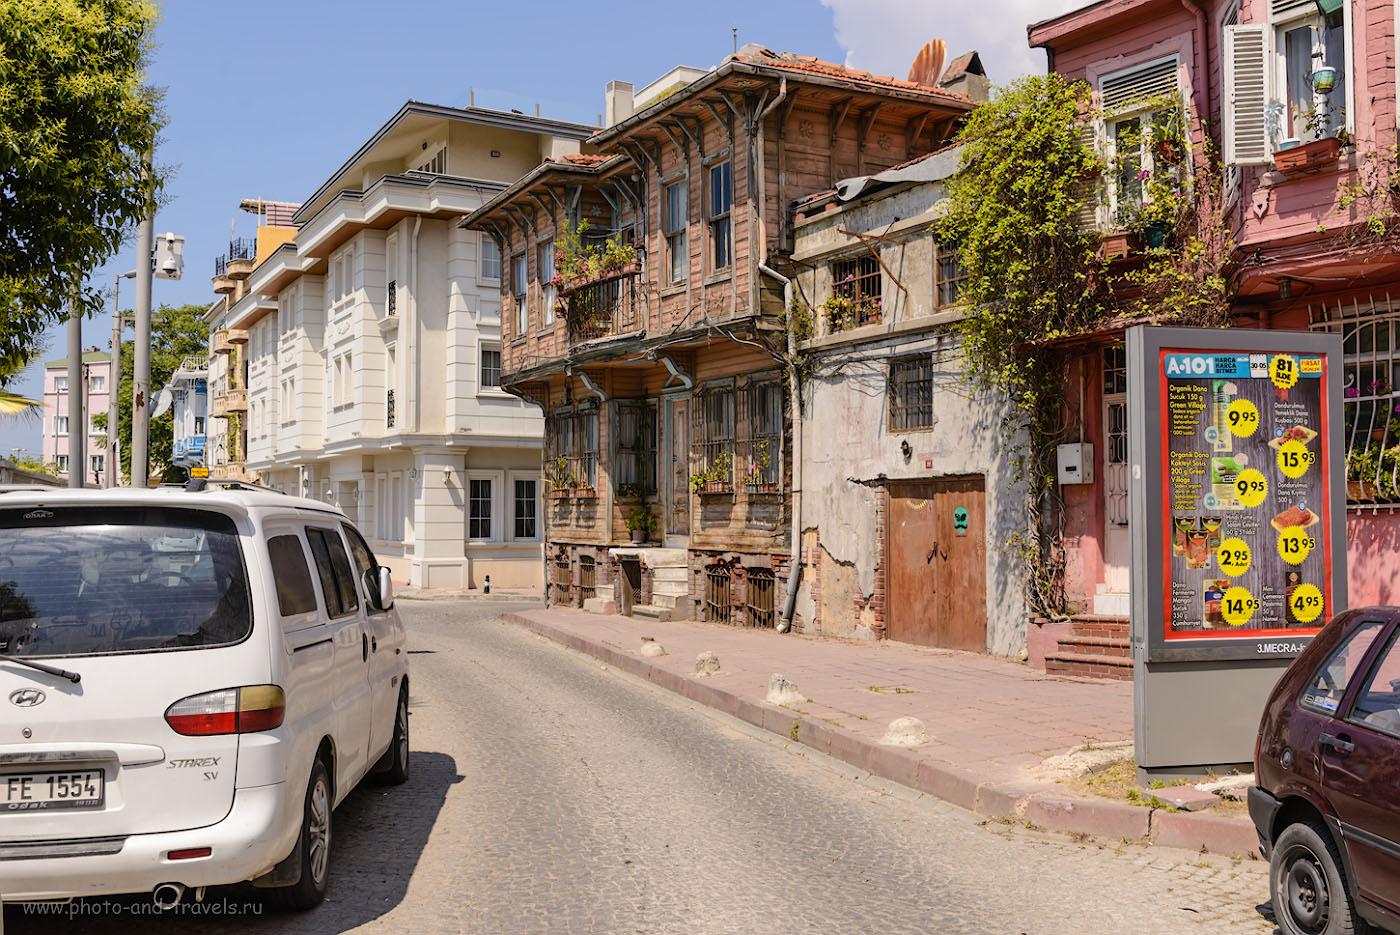 Фото 7. Старое и новое на улицах Стамбула. 1/640, 8.0, 200, 32.